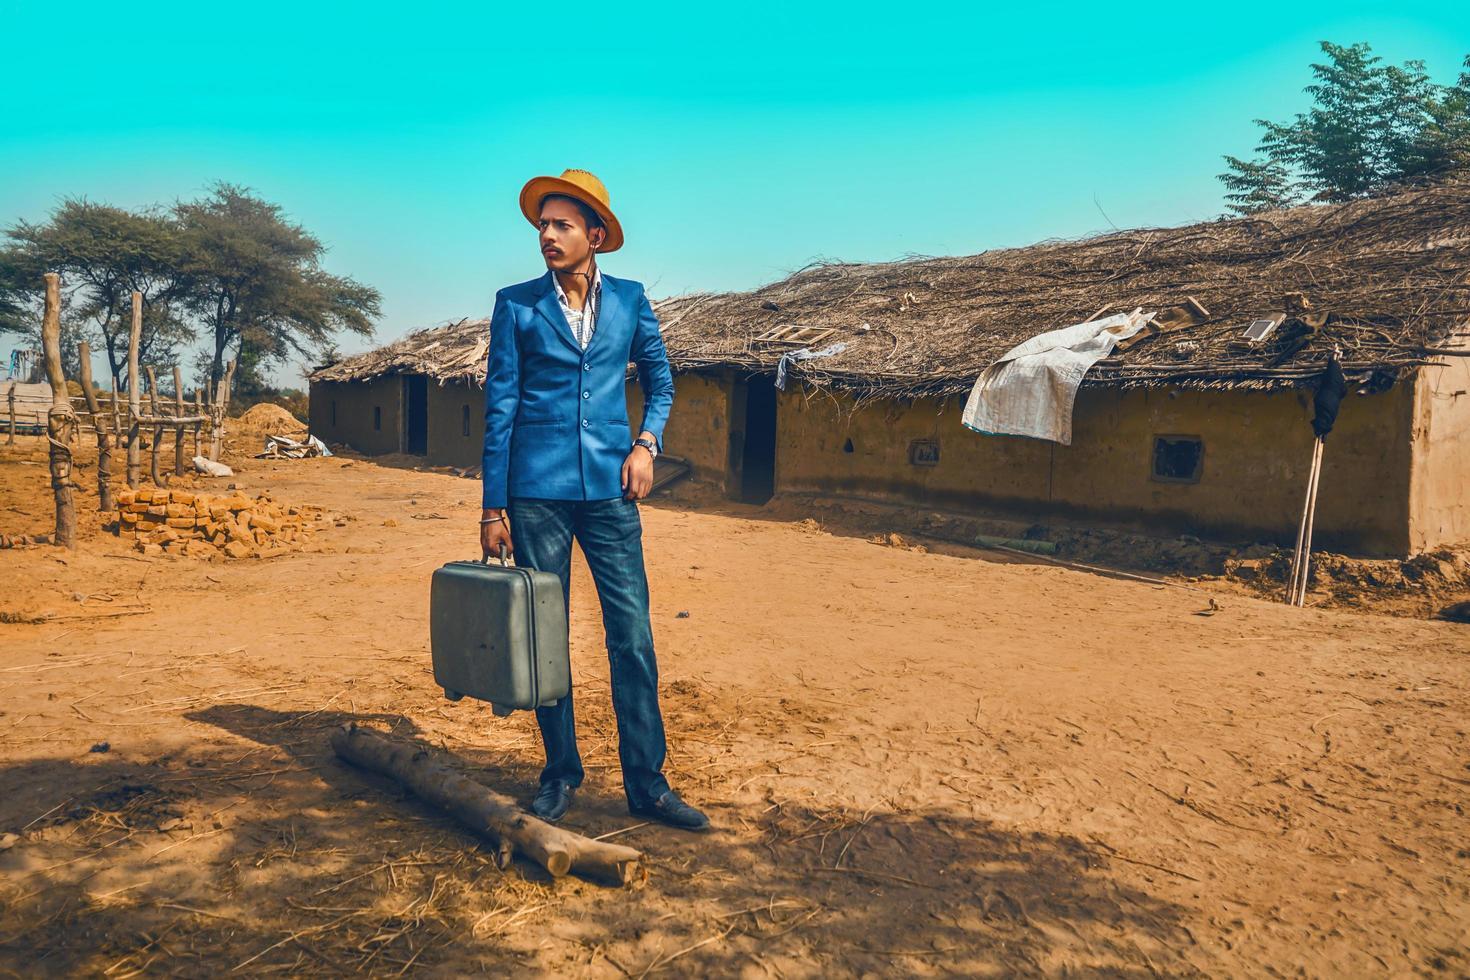 Mann mit Koffer neben Haus foto